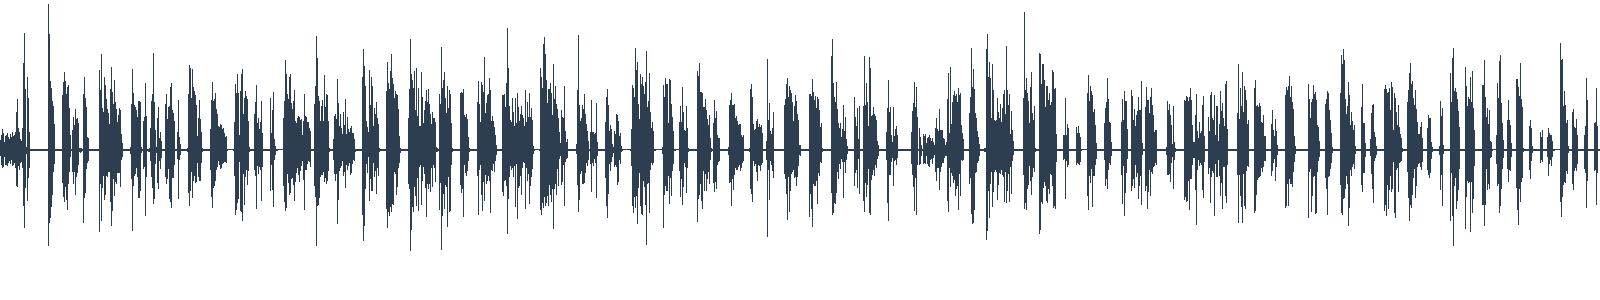 Úsměvy smutných mužů (ukázka z audioknihy) waveform